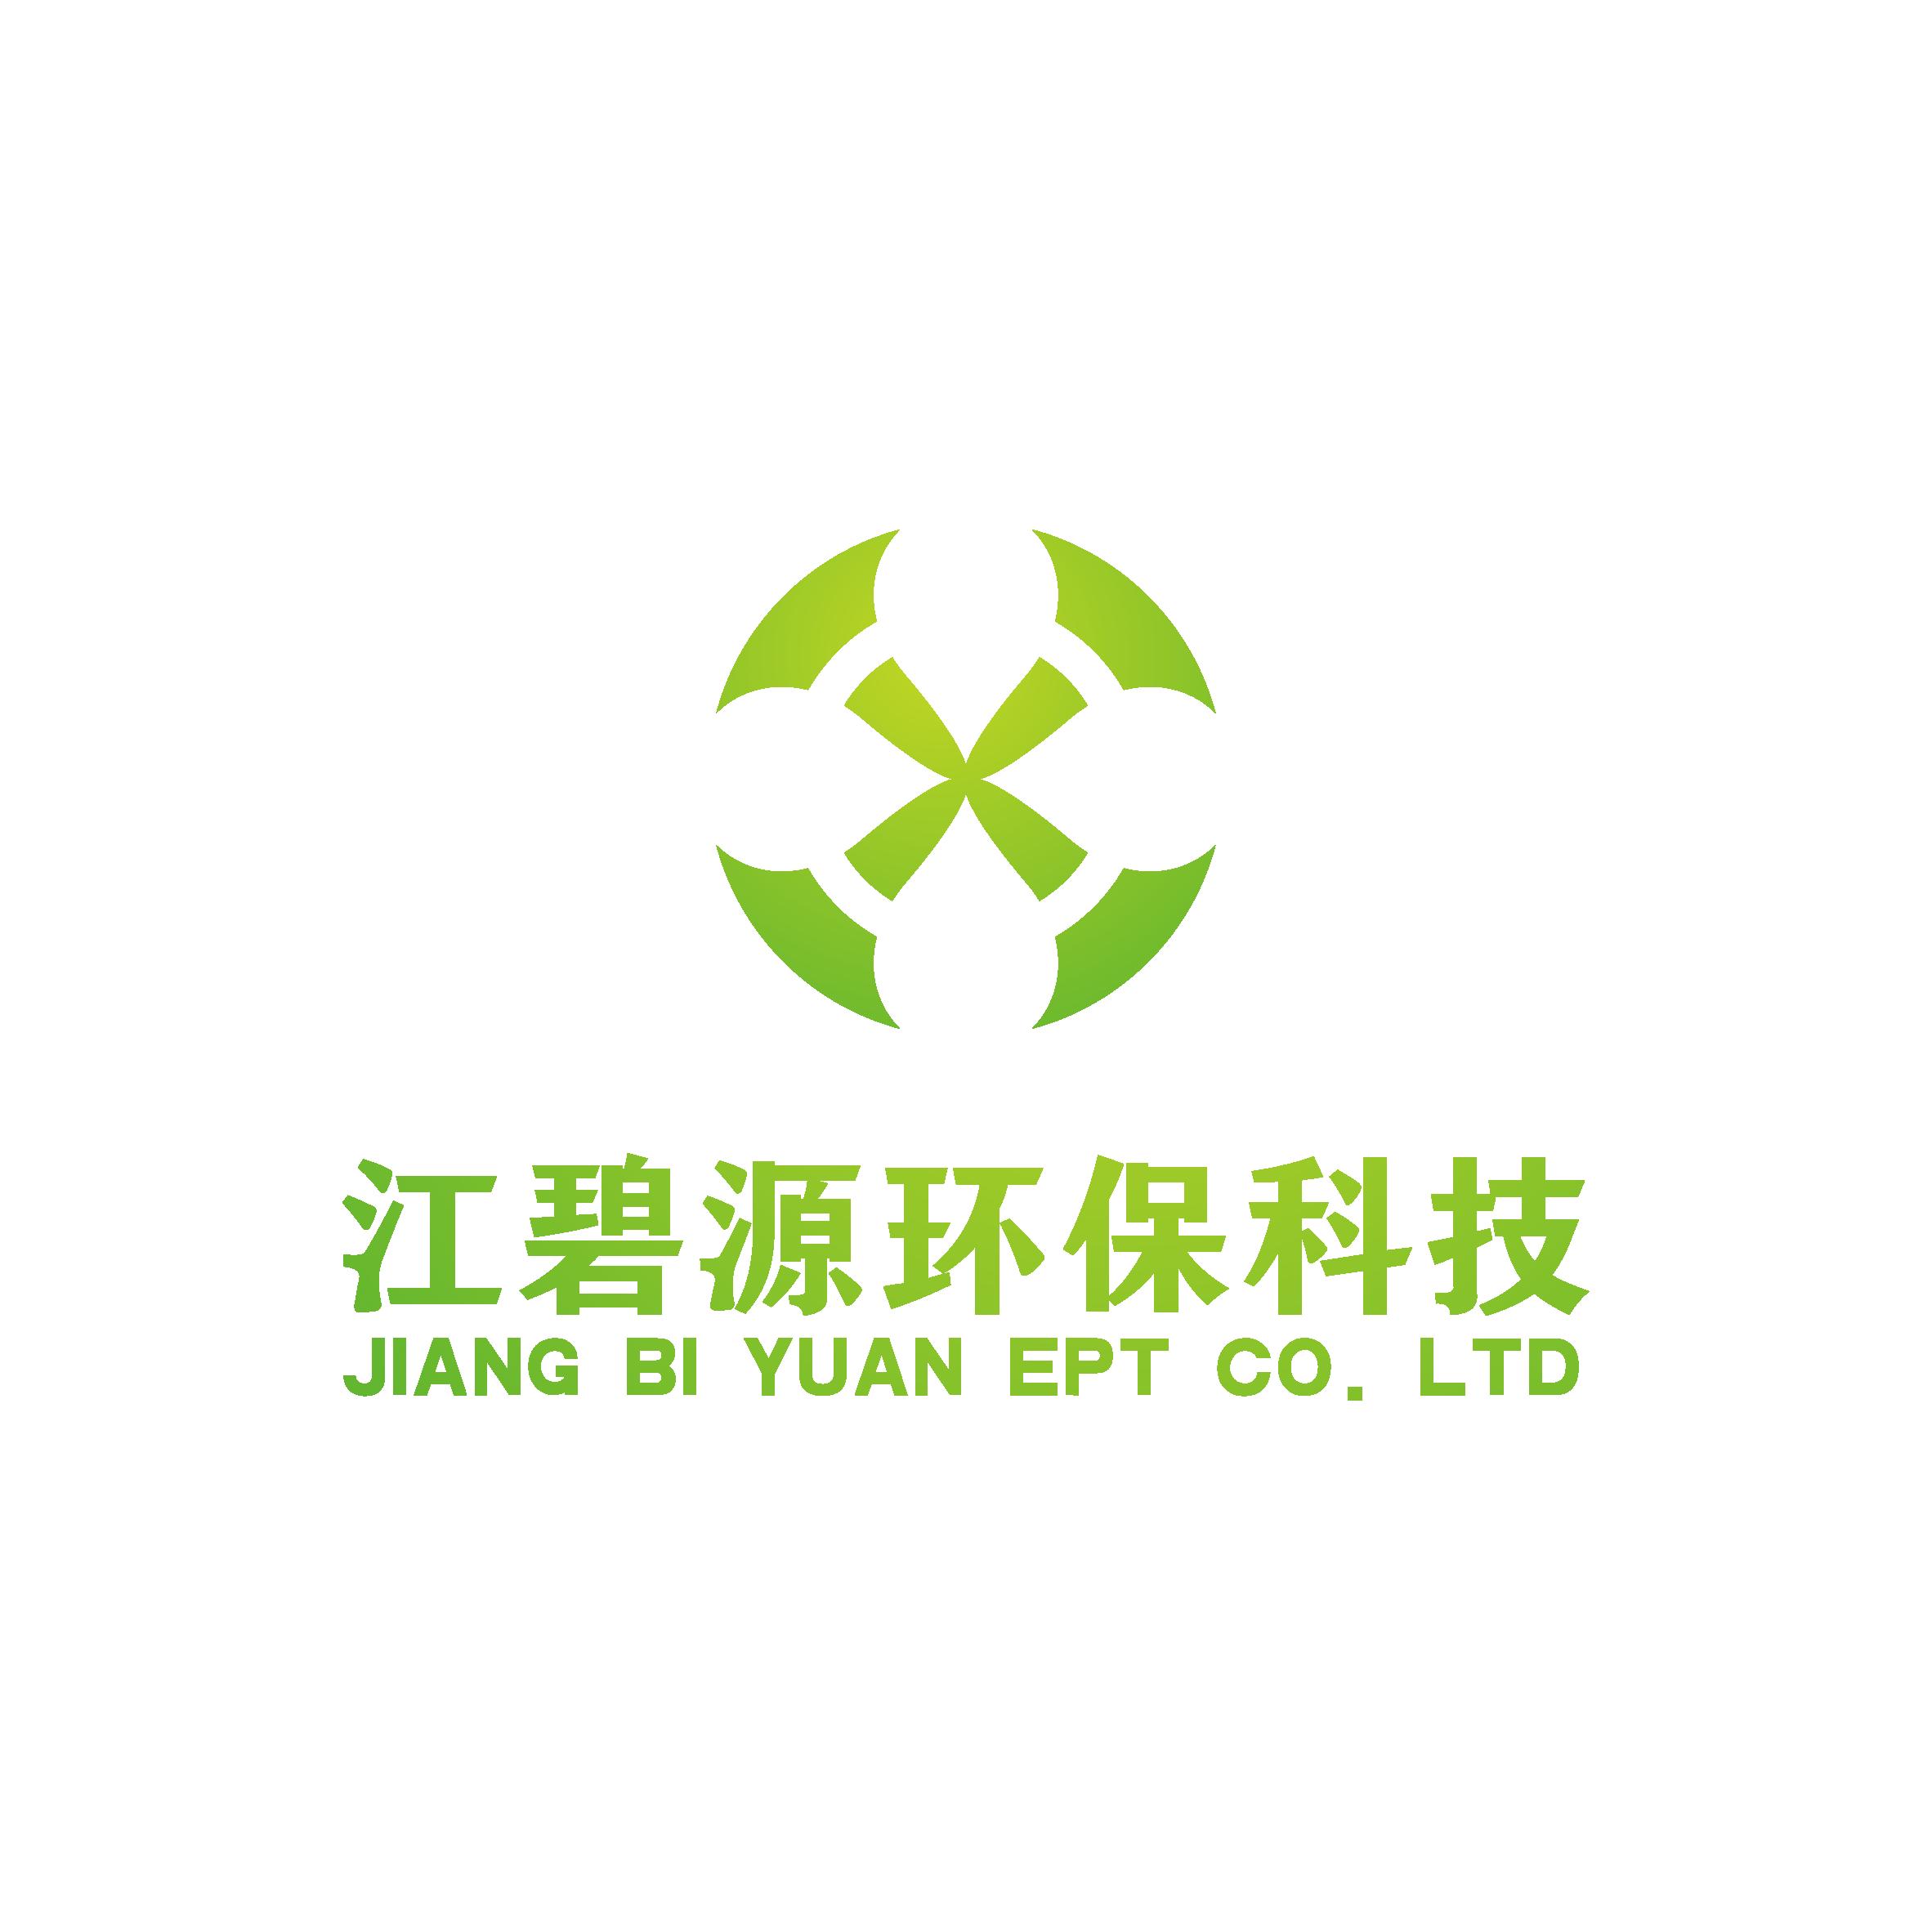 广州江碧源环保科技有限公司